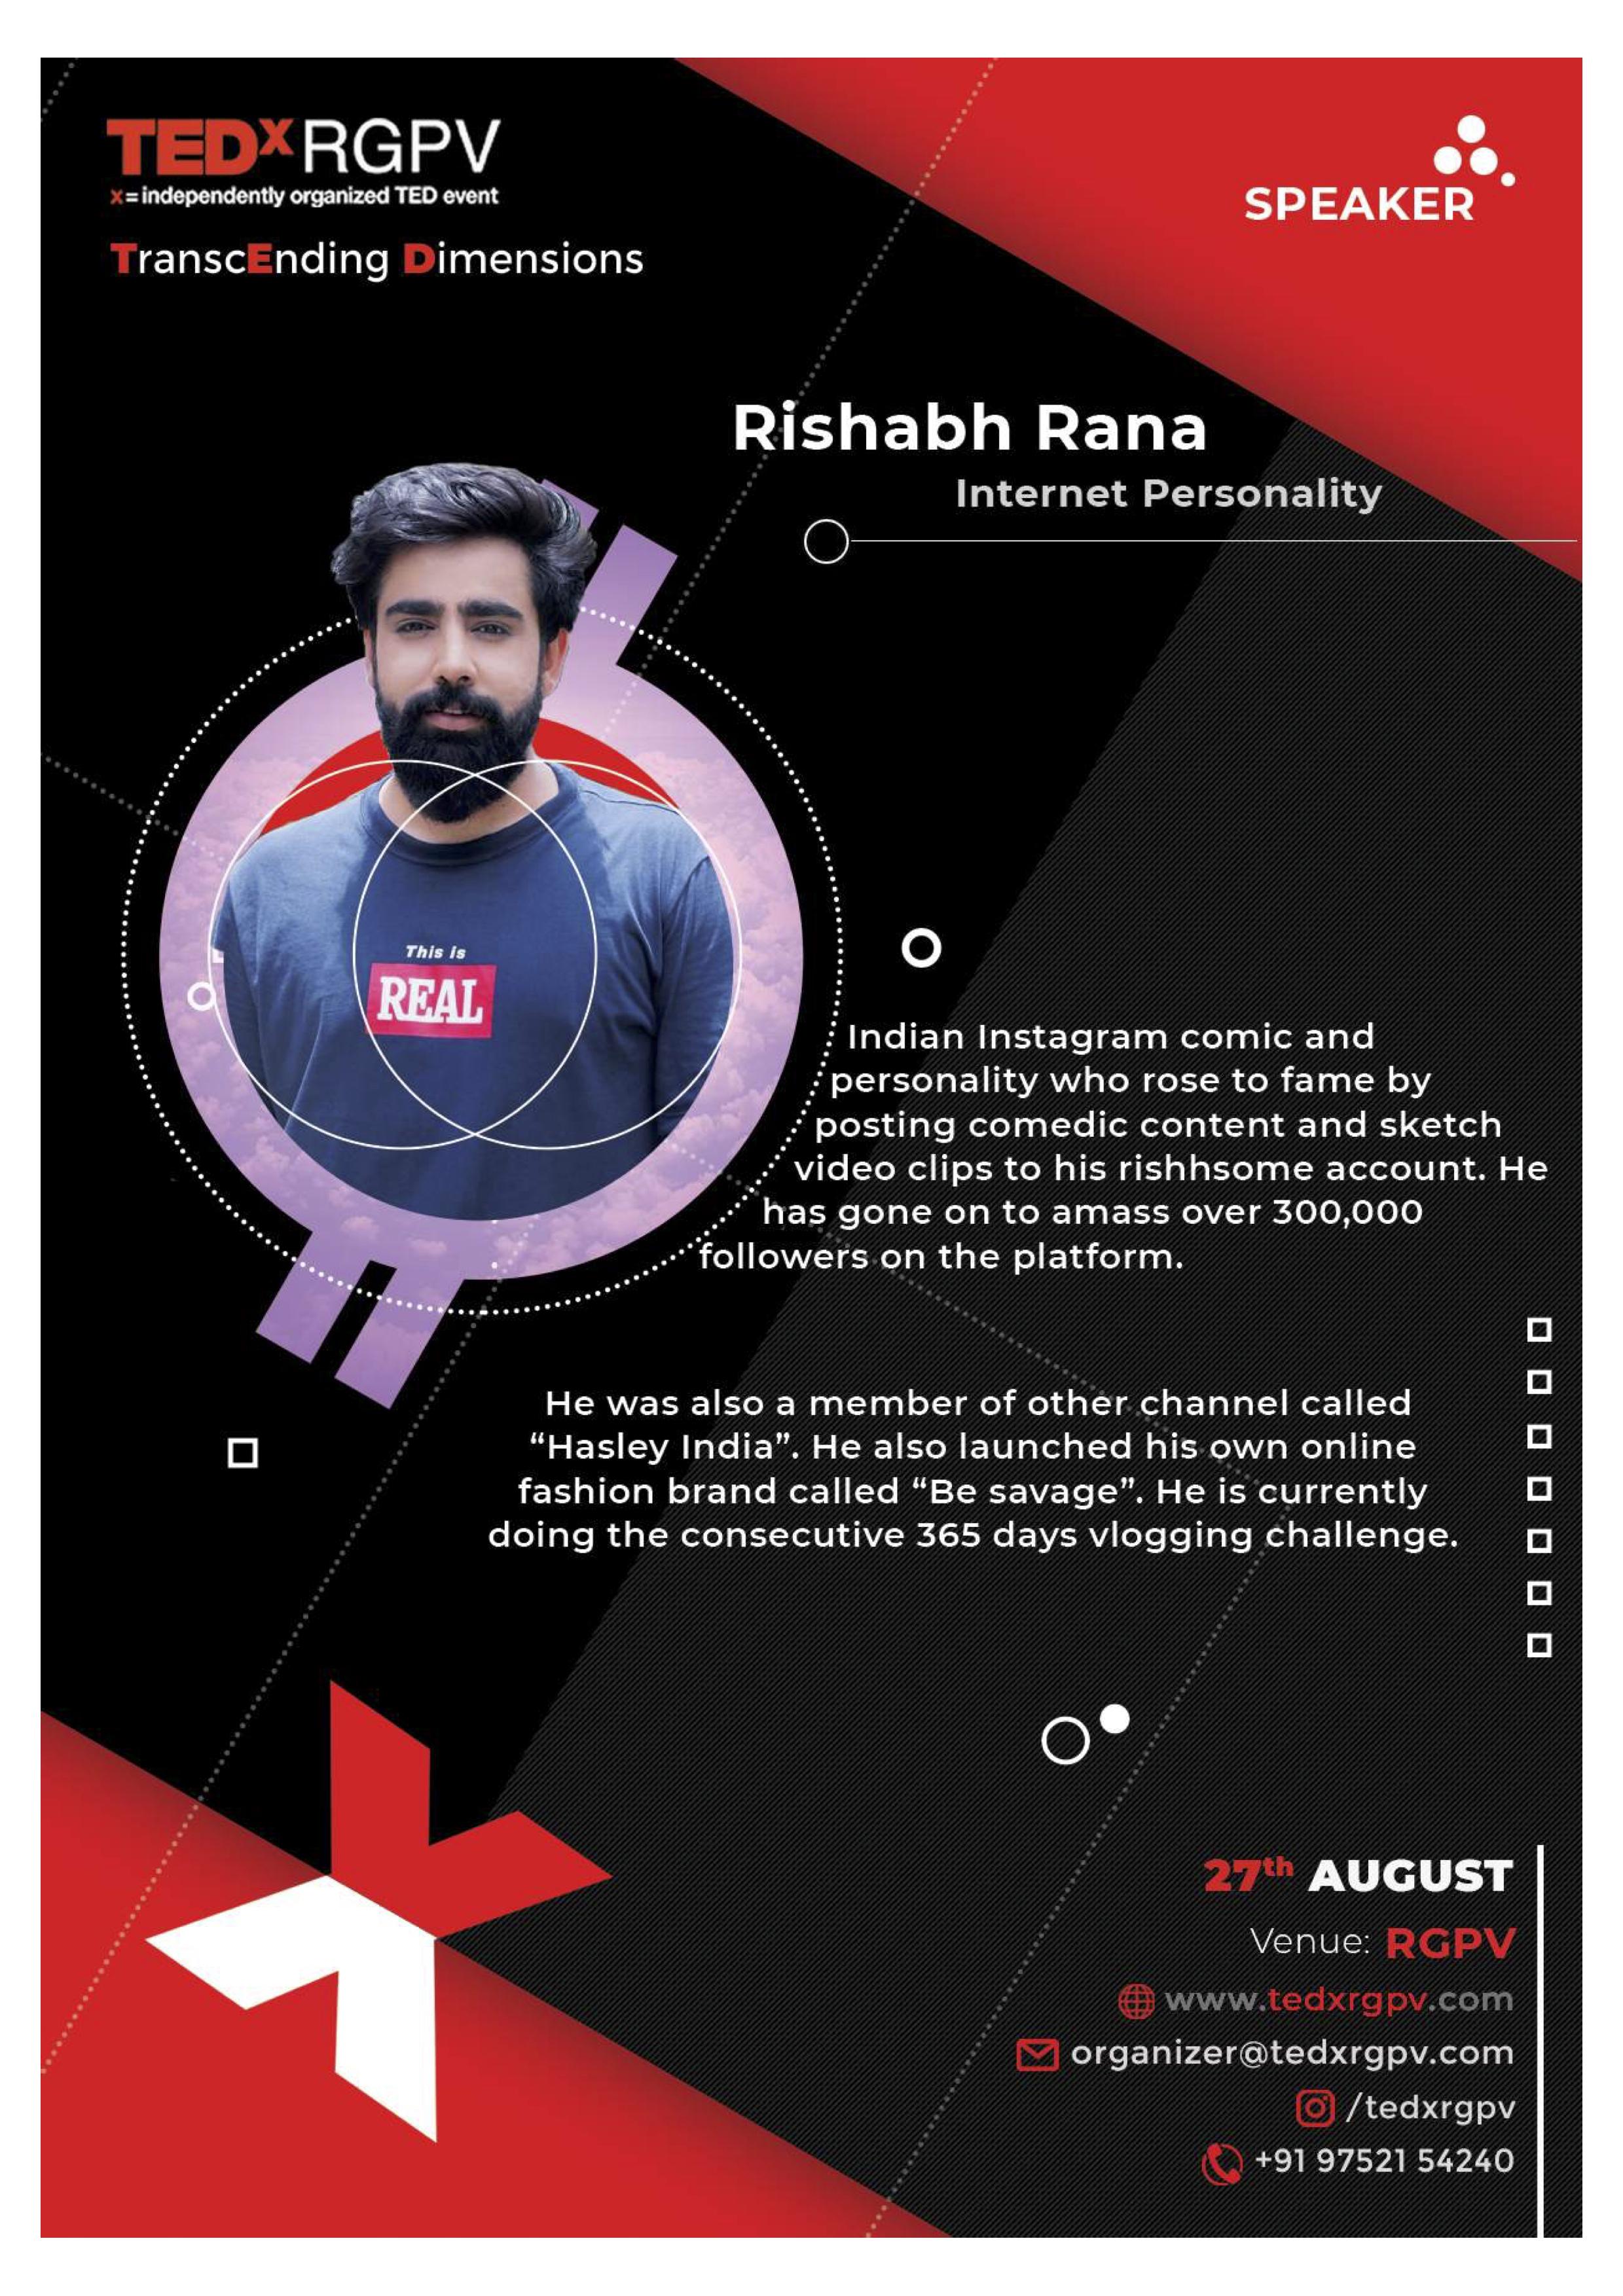 TEDxRGPV Tickets by ankur sahu, 27 Aug, 2019, Bhopal Event